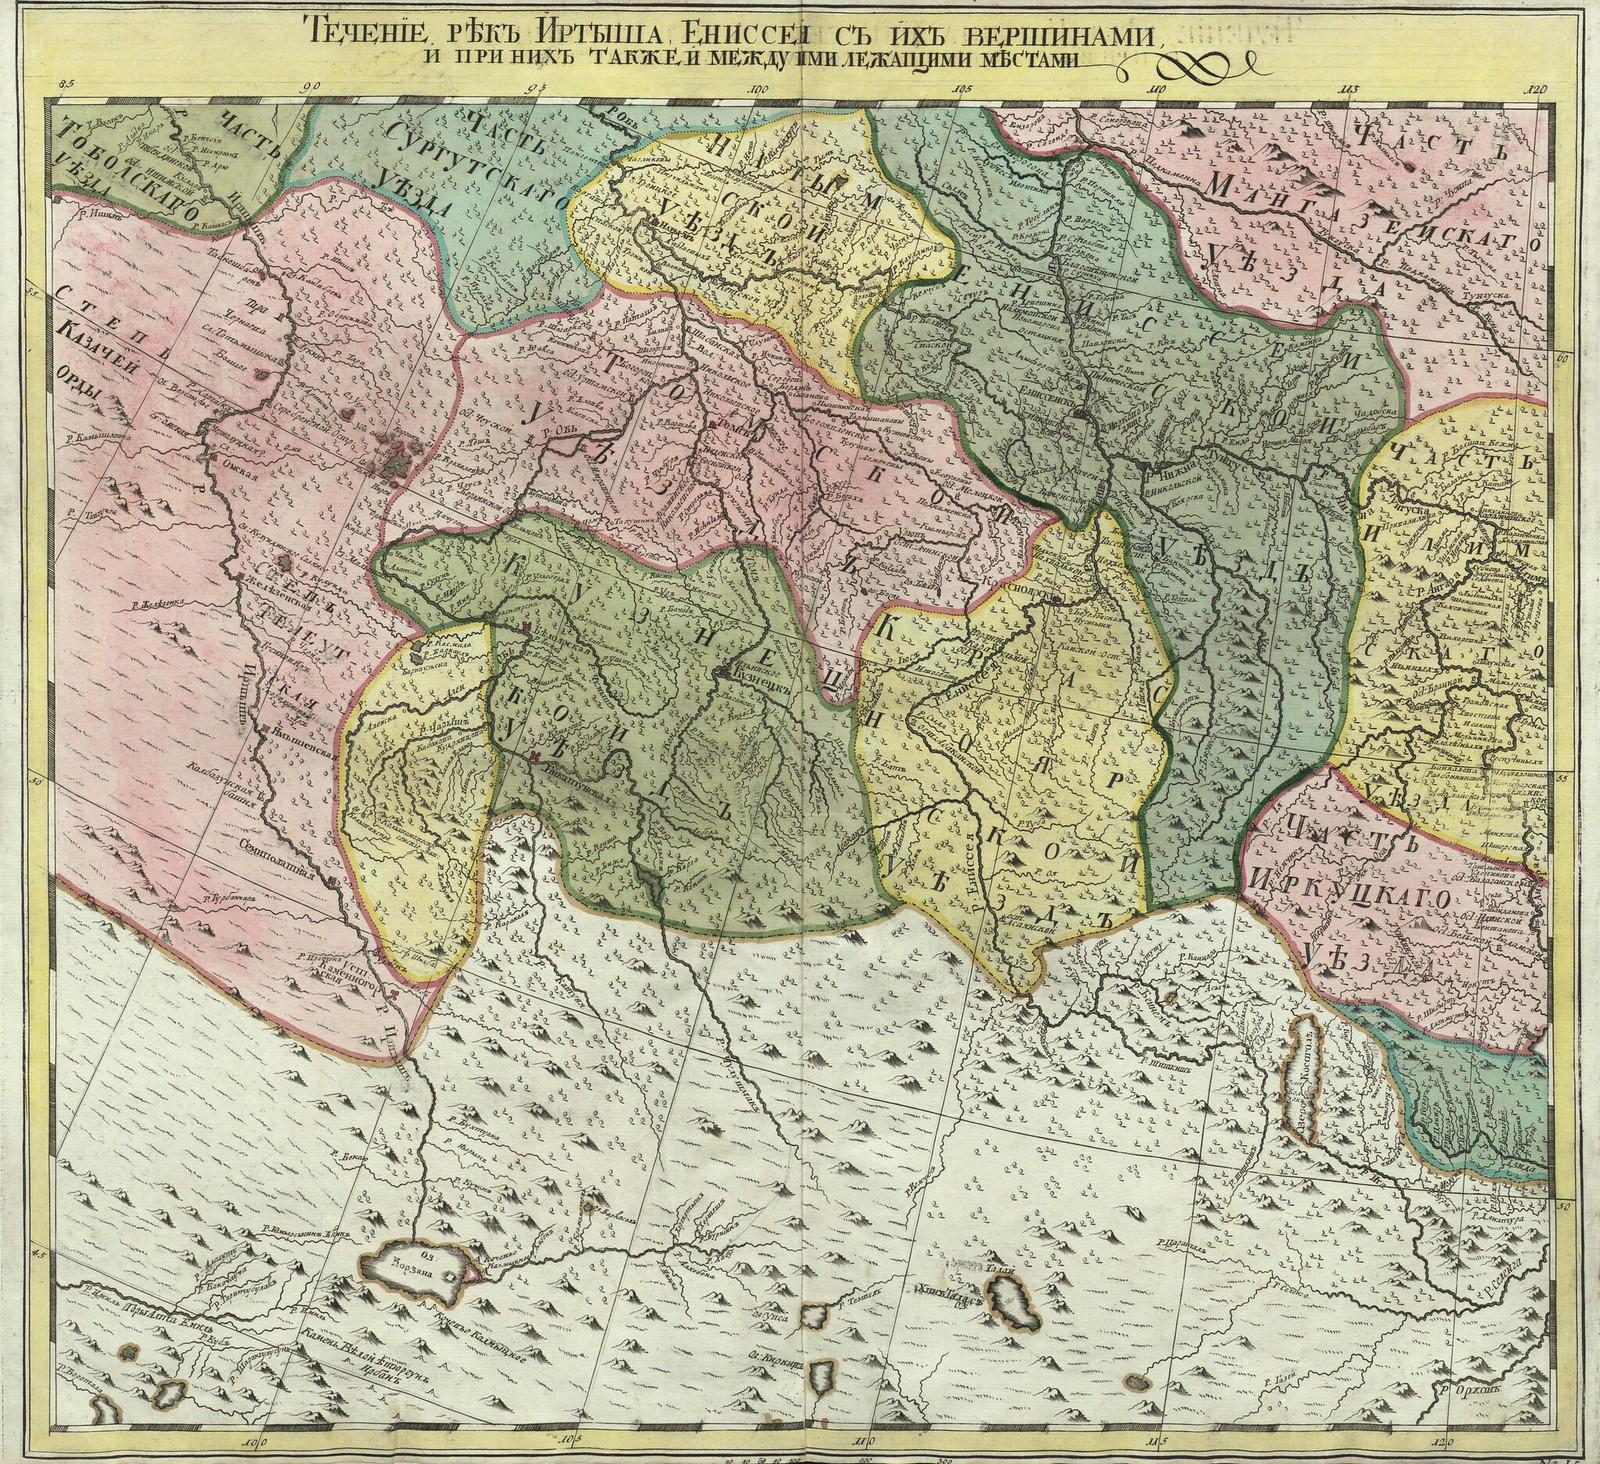 35. Течение реки Иртыша, Енисея с их истоками, а также с между ними лежащими местами